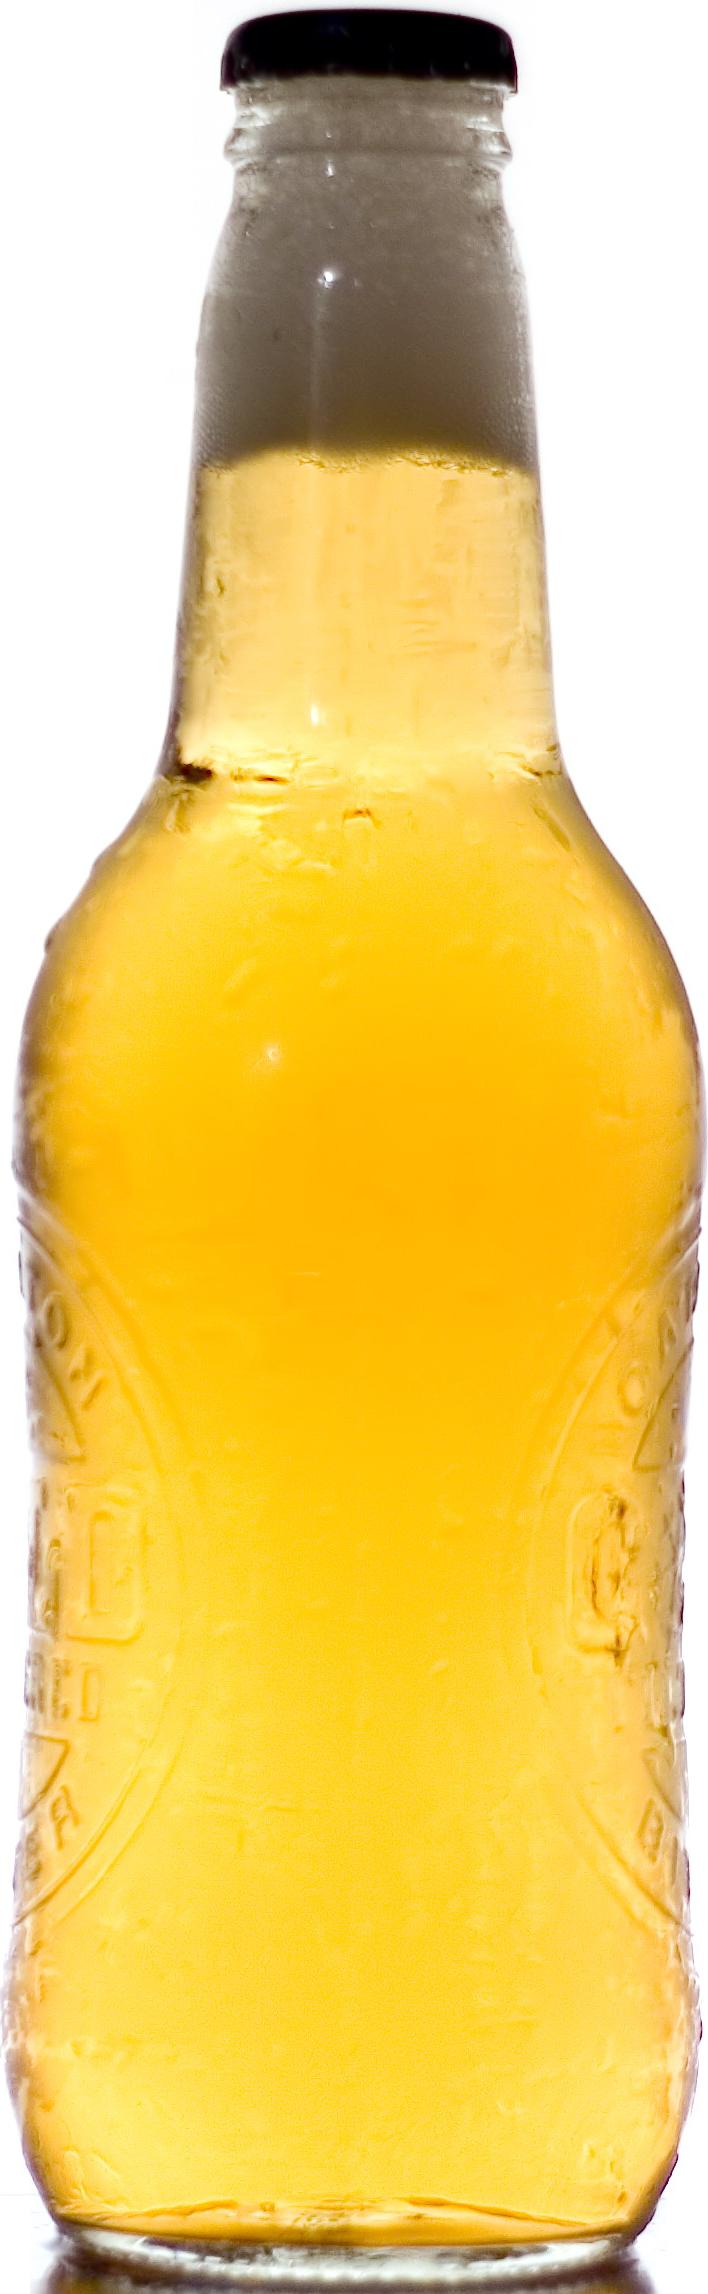 Bottle HD PNG - 96415